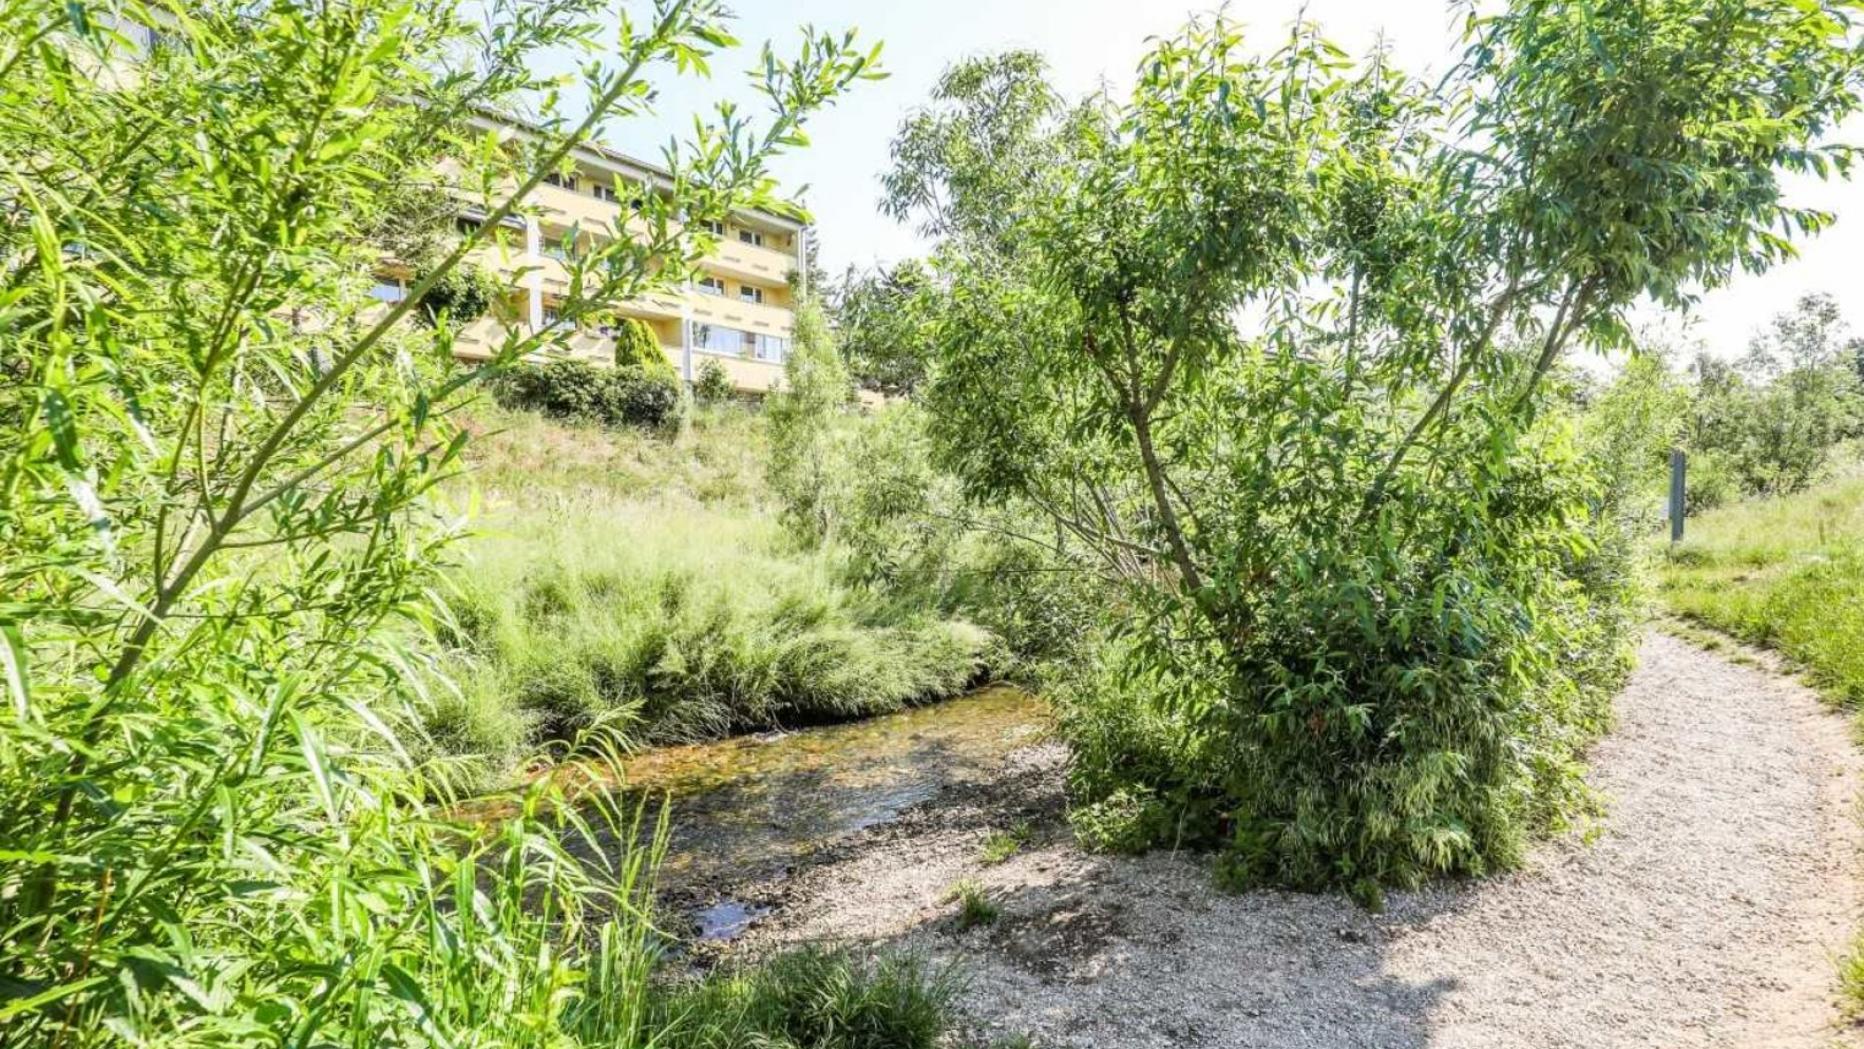 Lieisngbach mit Gebüsch und Kieseln